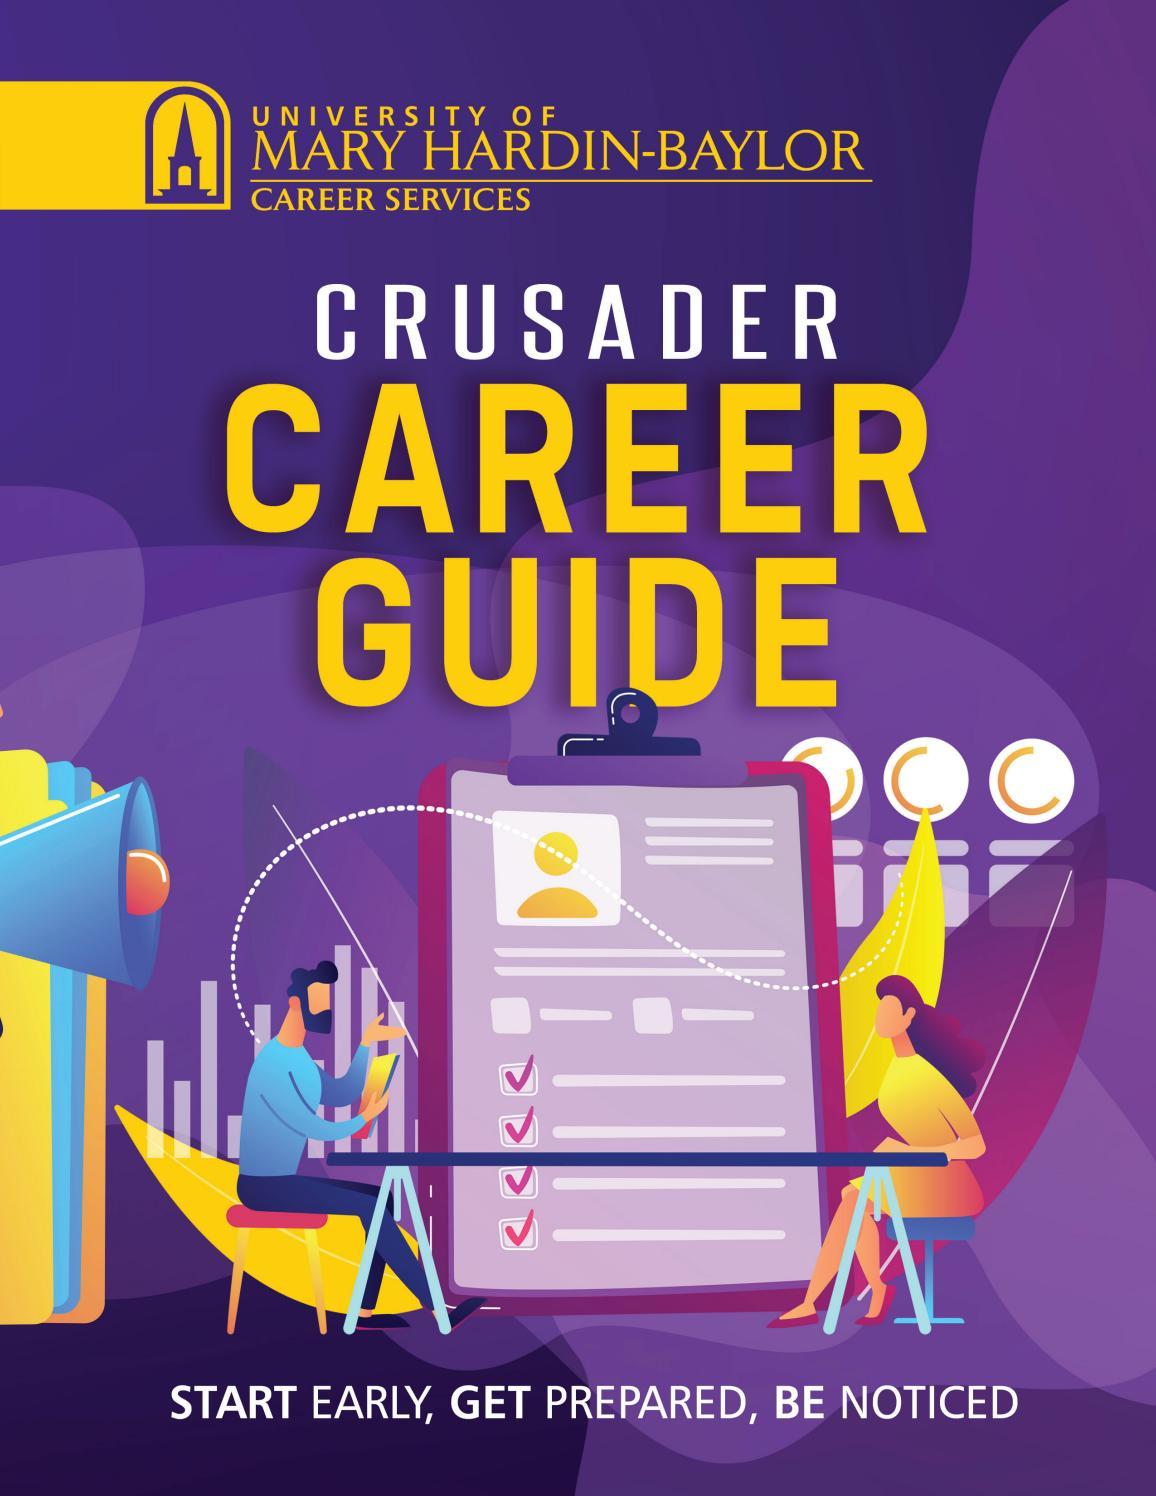 umhb career guide